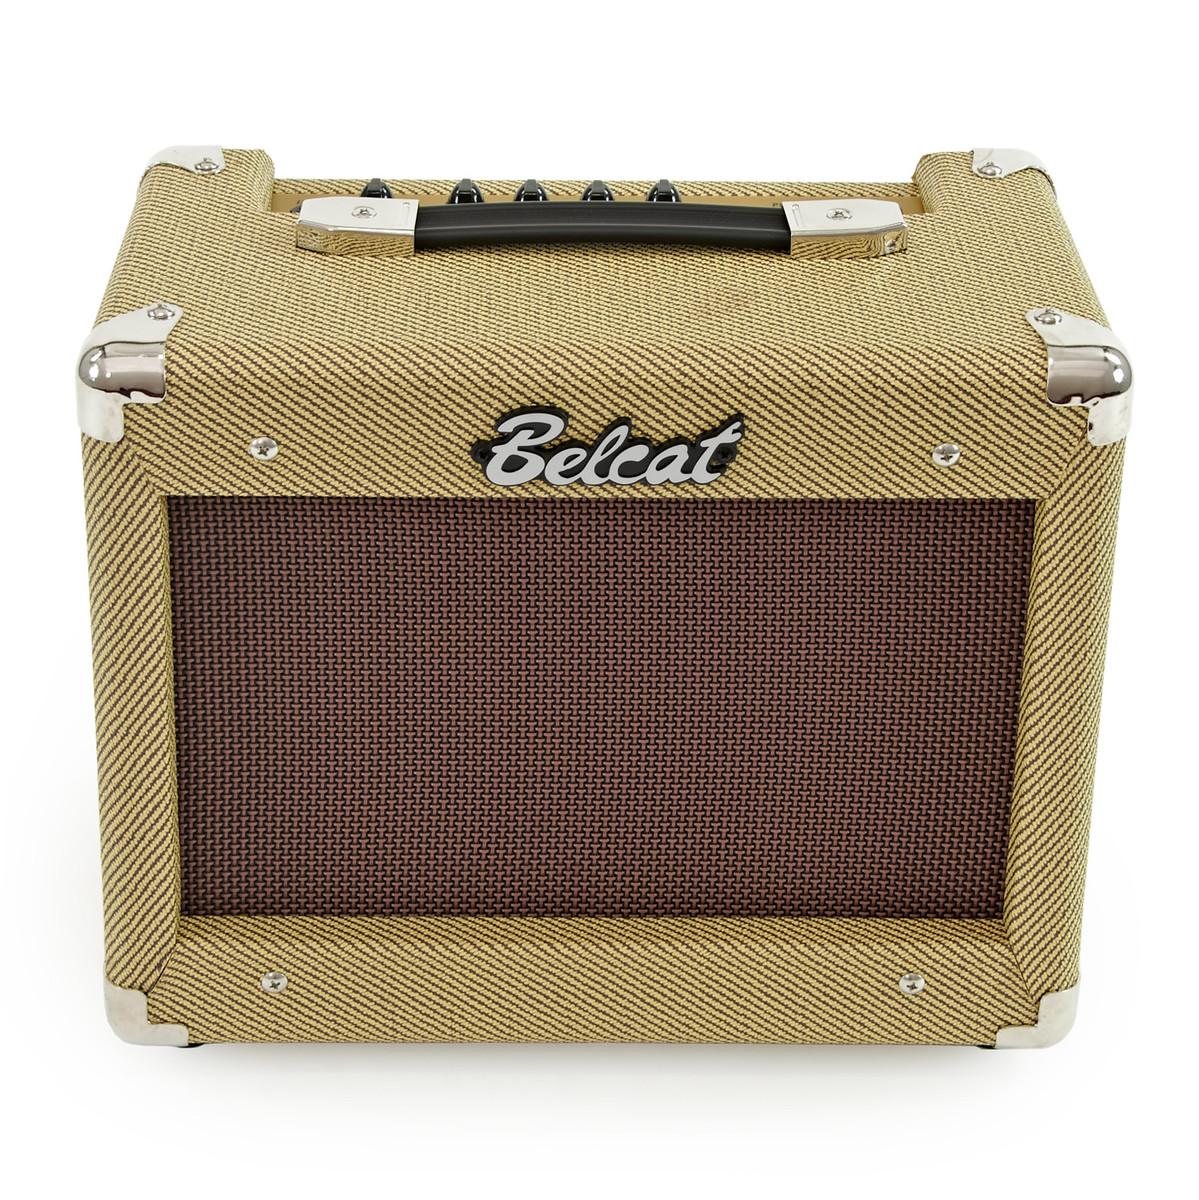 belcat v15b vintage 15w bass combo amp at. Black Bedroom Furniture Sets. Home Design Ideas